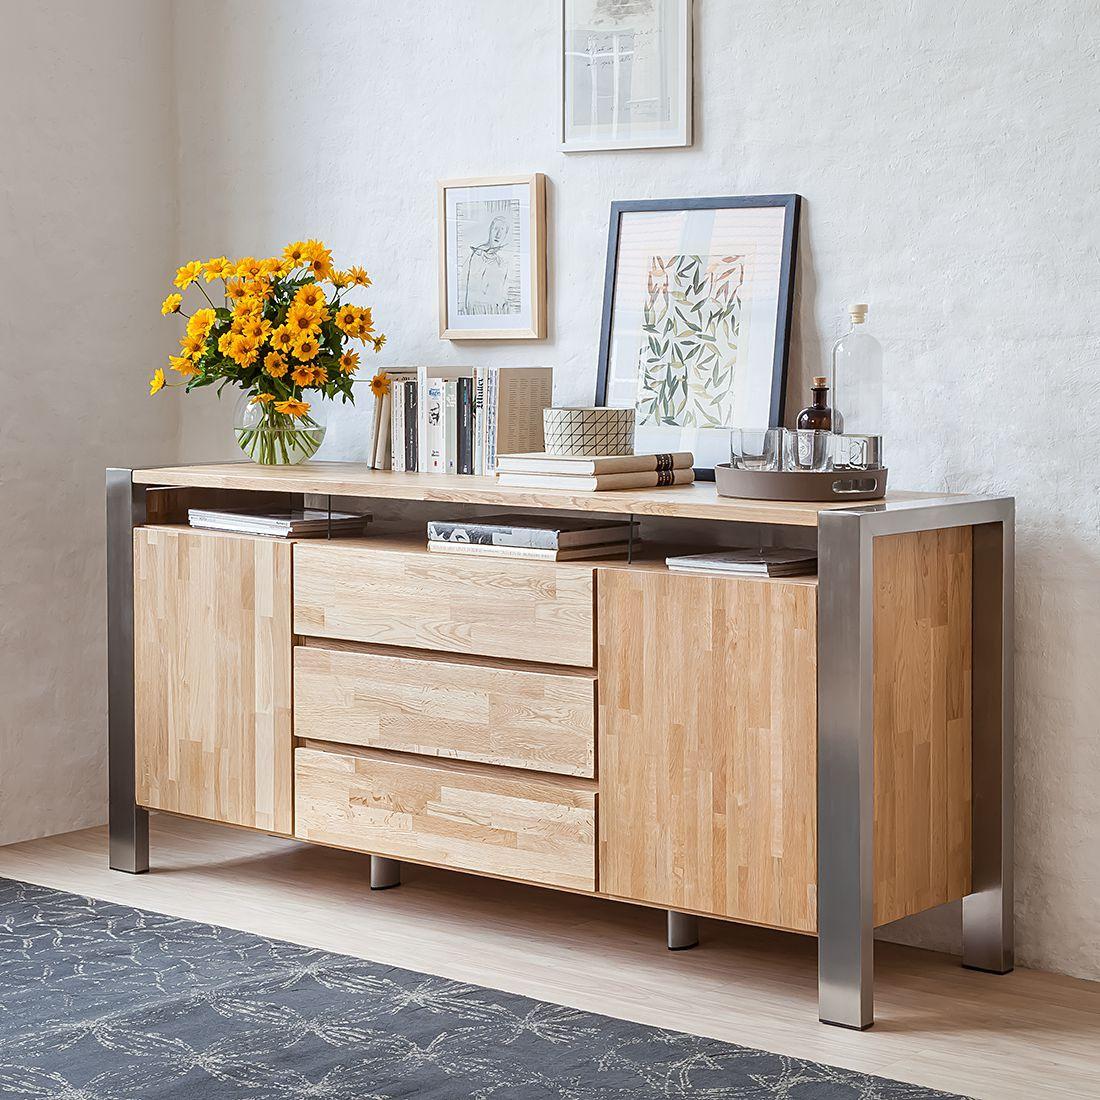 sideboard noah eiche massiv edelstahl geb rstet. Black Bedroom Furniture Sets. Home Design Ideas